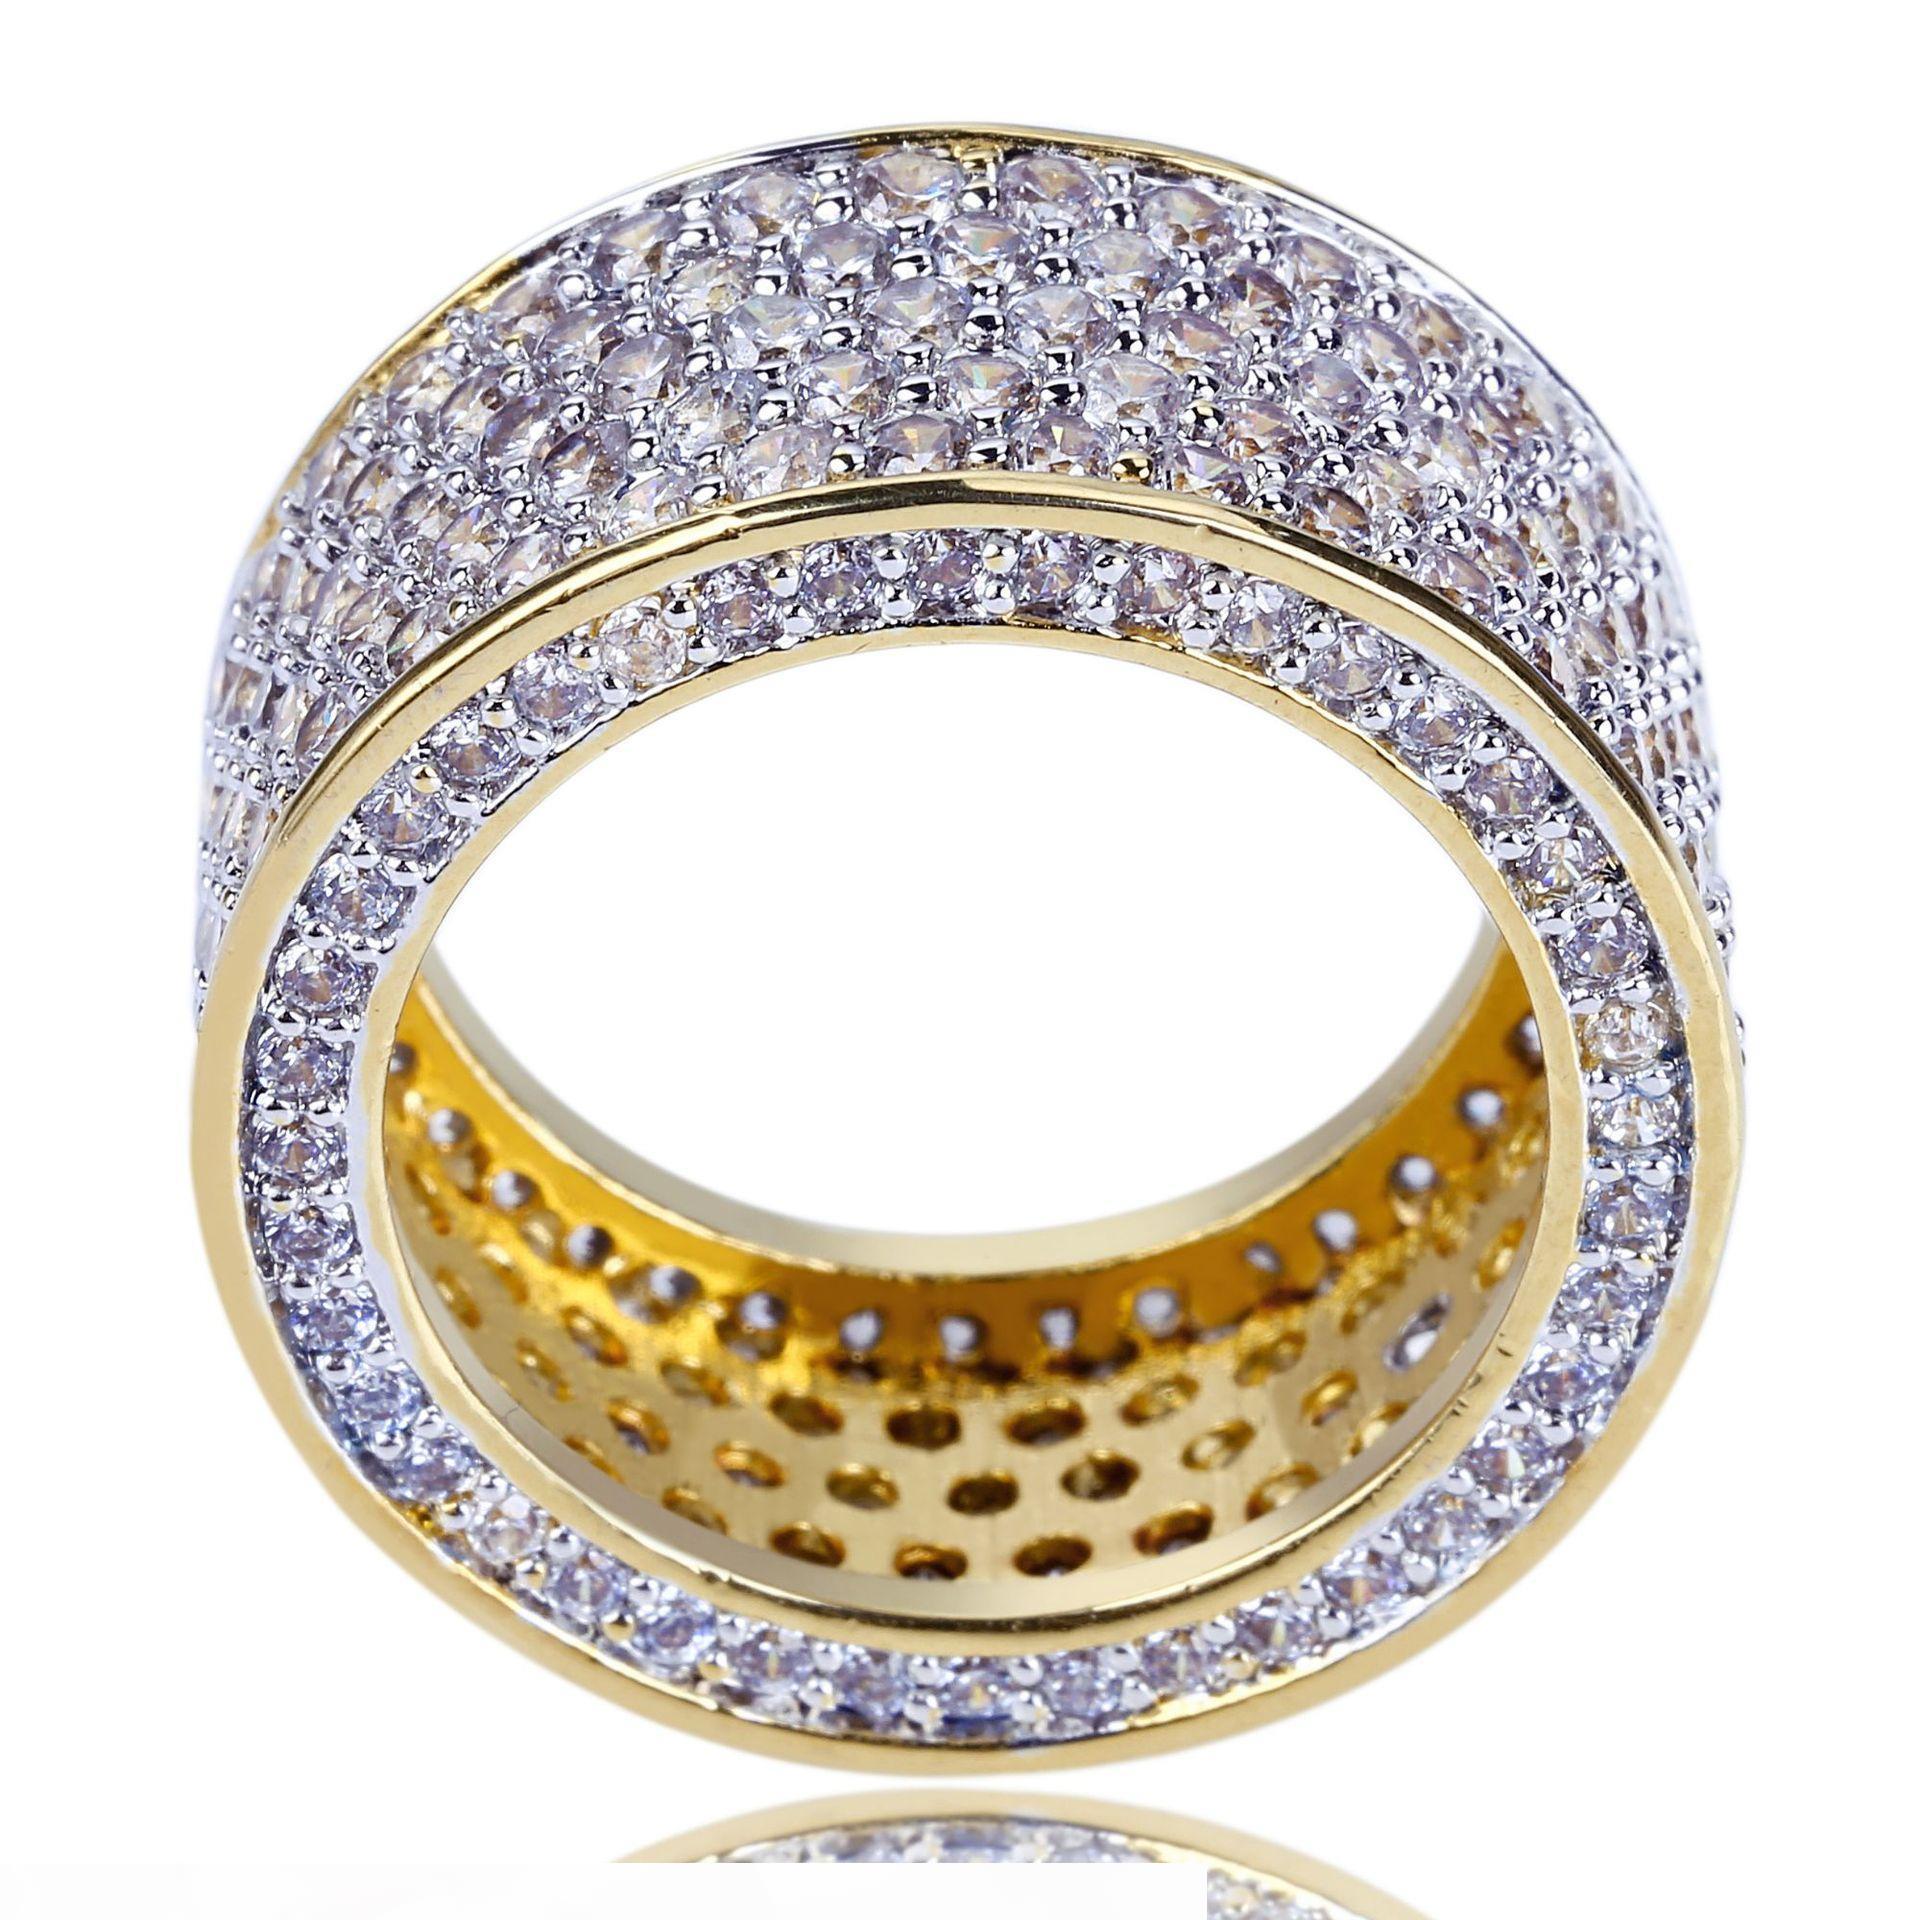 HIP HOP Bijoux Hommes Hommes Bague Gold Sortie Gîte Gîte Micro Pave Cubic Zircon Promise Diamond Doigt Anneaux de la marque de luxe de la marque Cadeau de personnalité